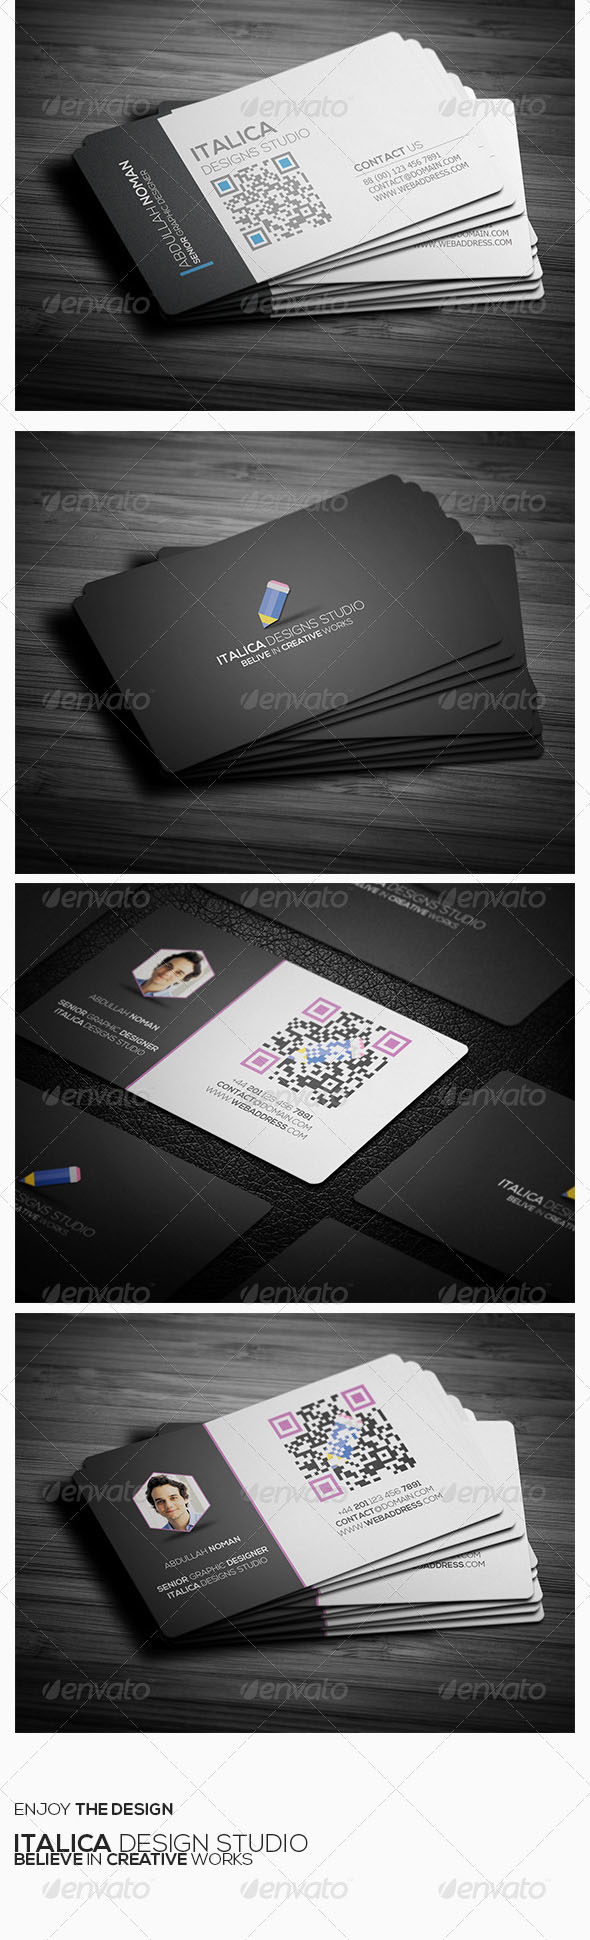 دانلود مجموعه طرح لایه باز کارت ویزیت 6680579